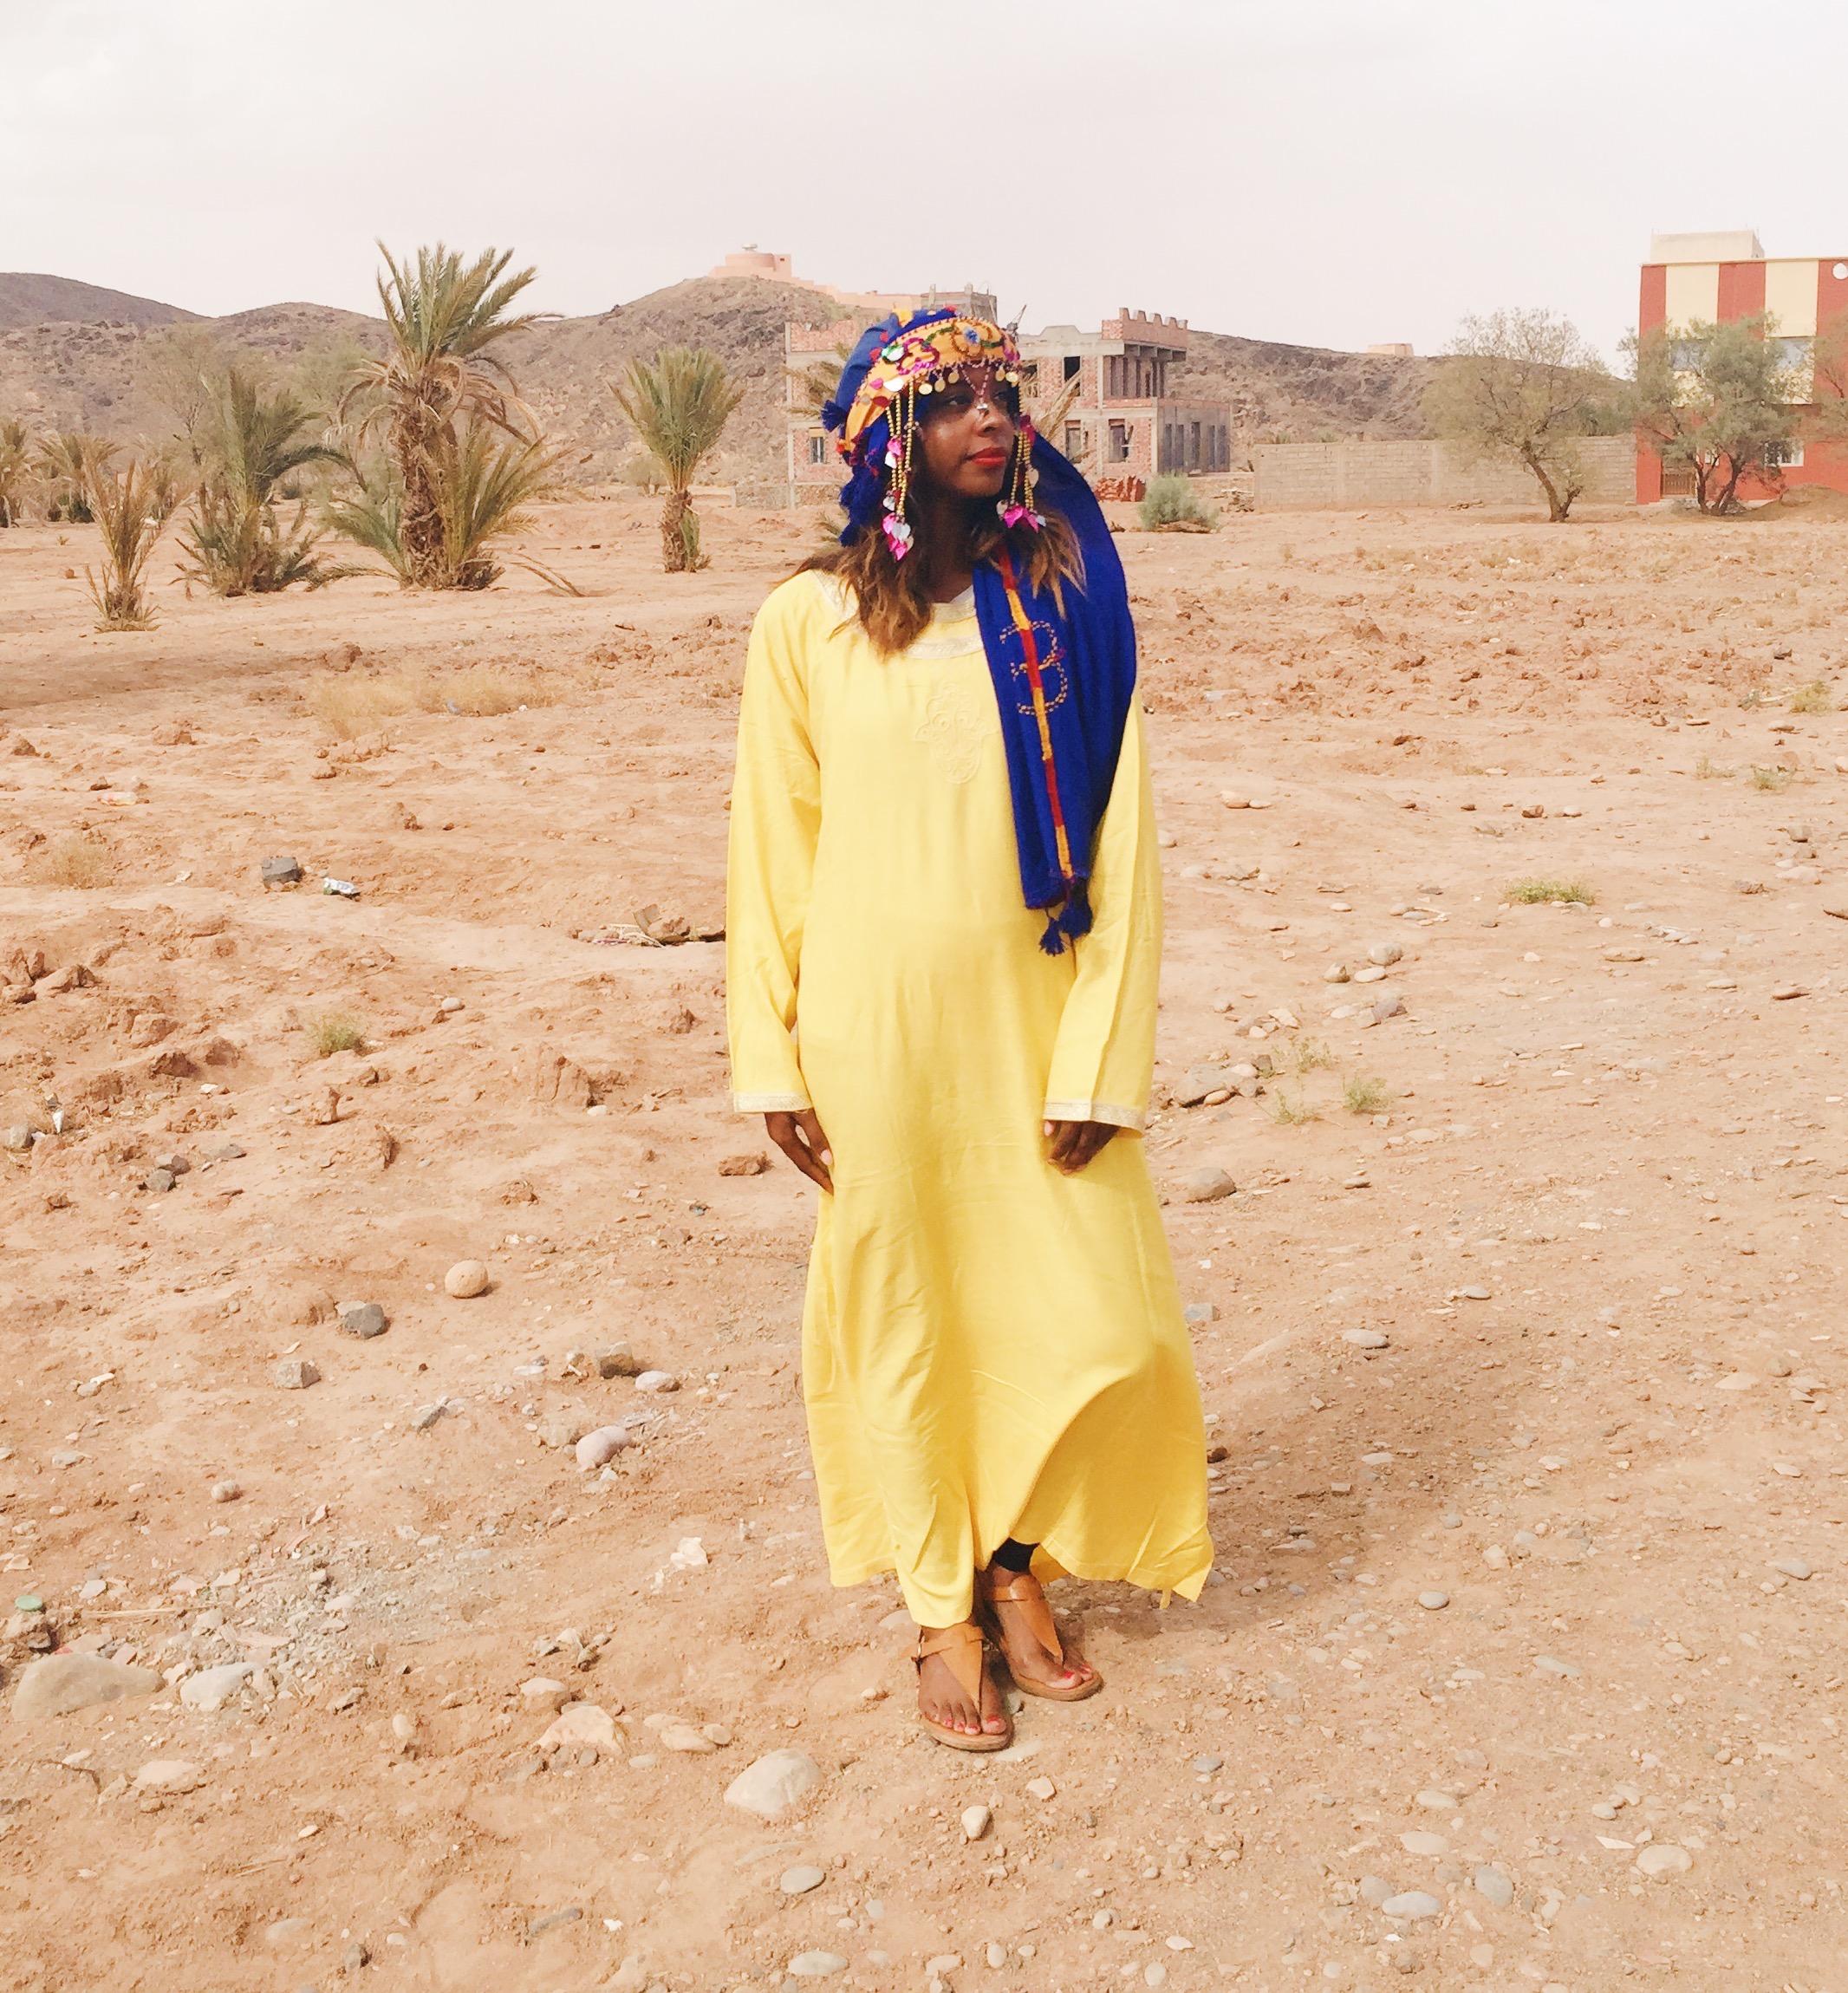 Berber clothing in Tinejdad- Melaab